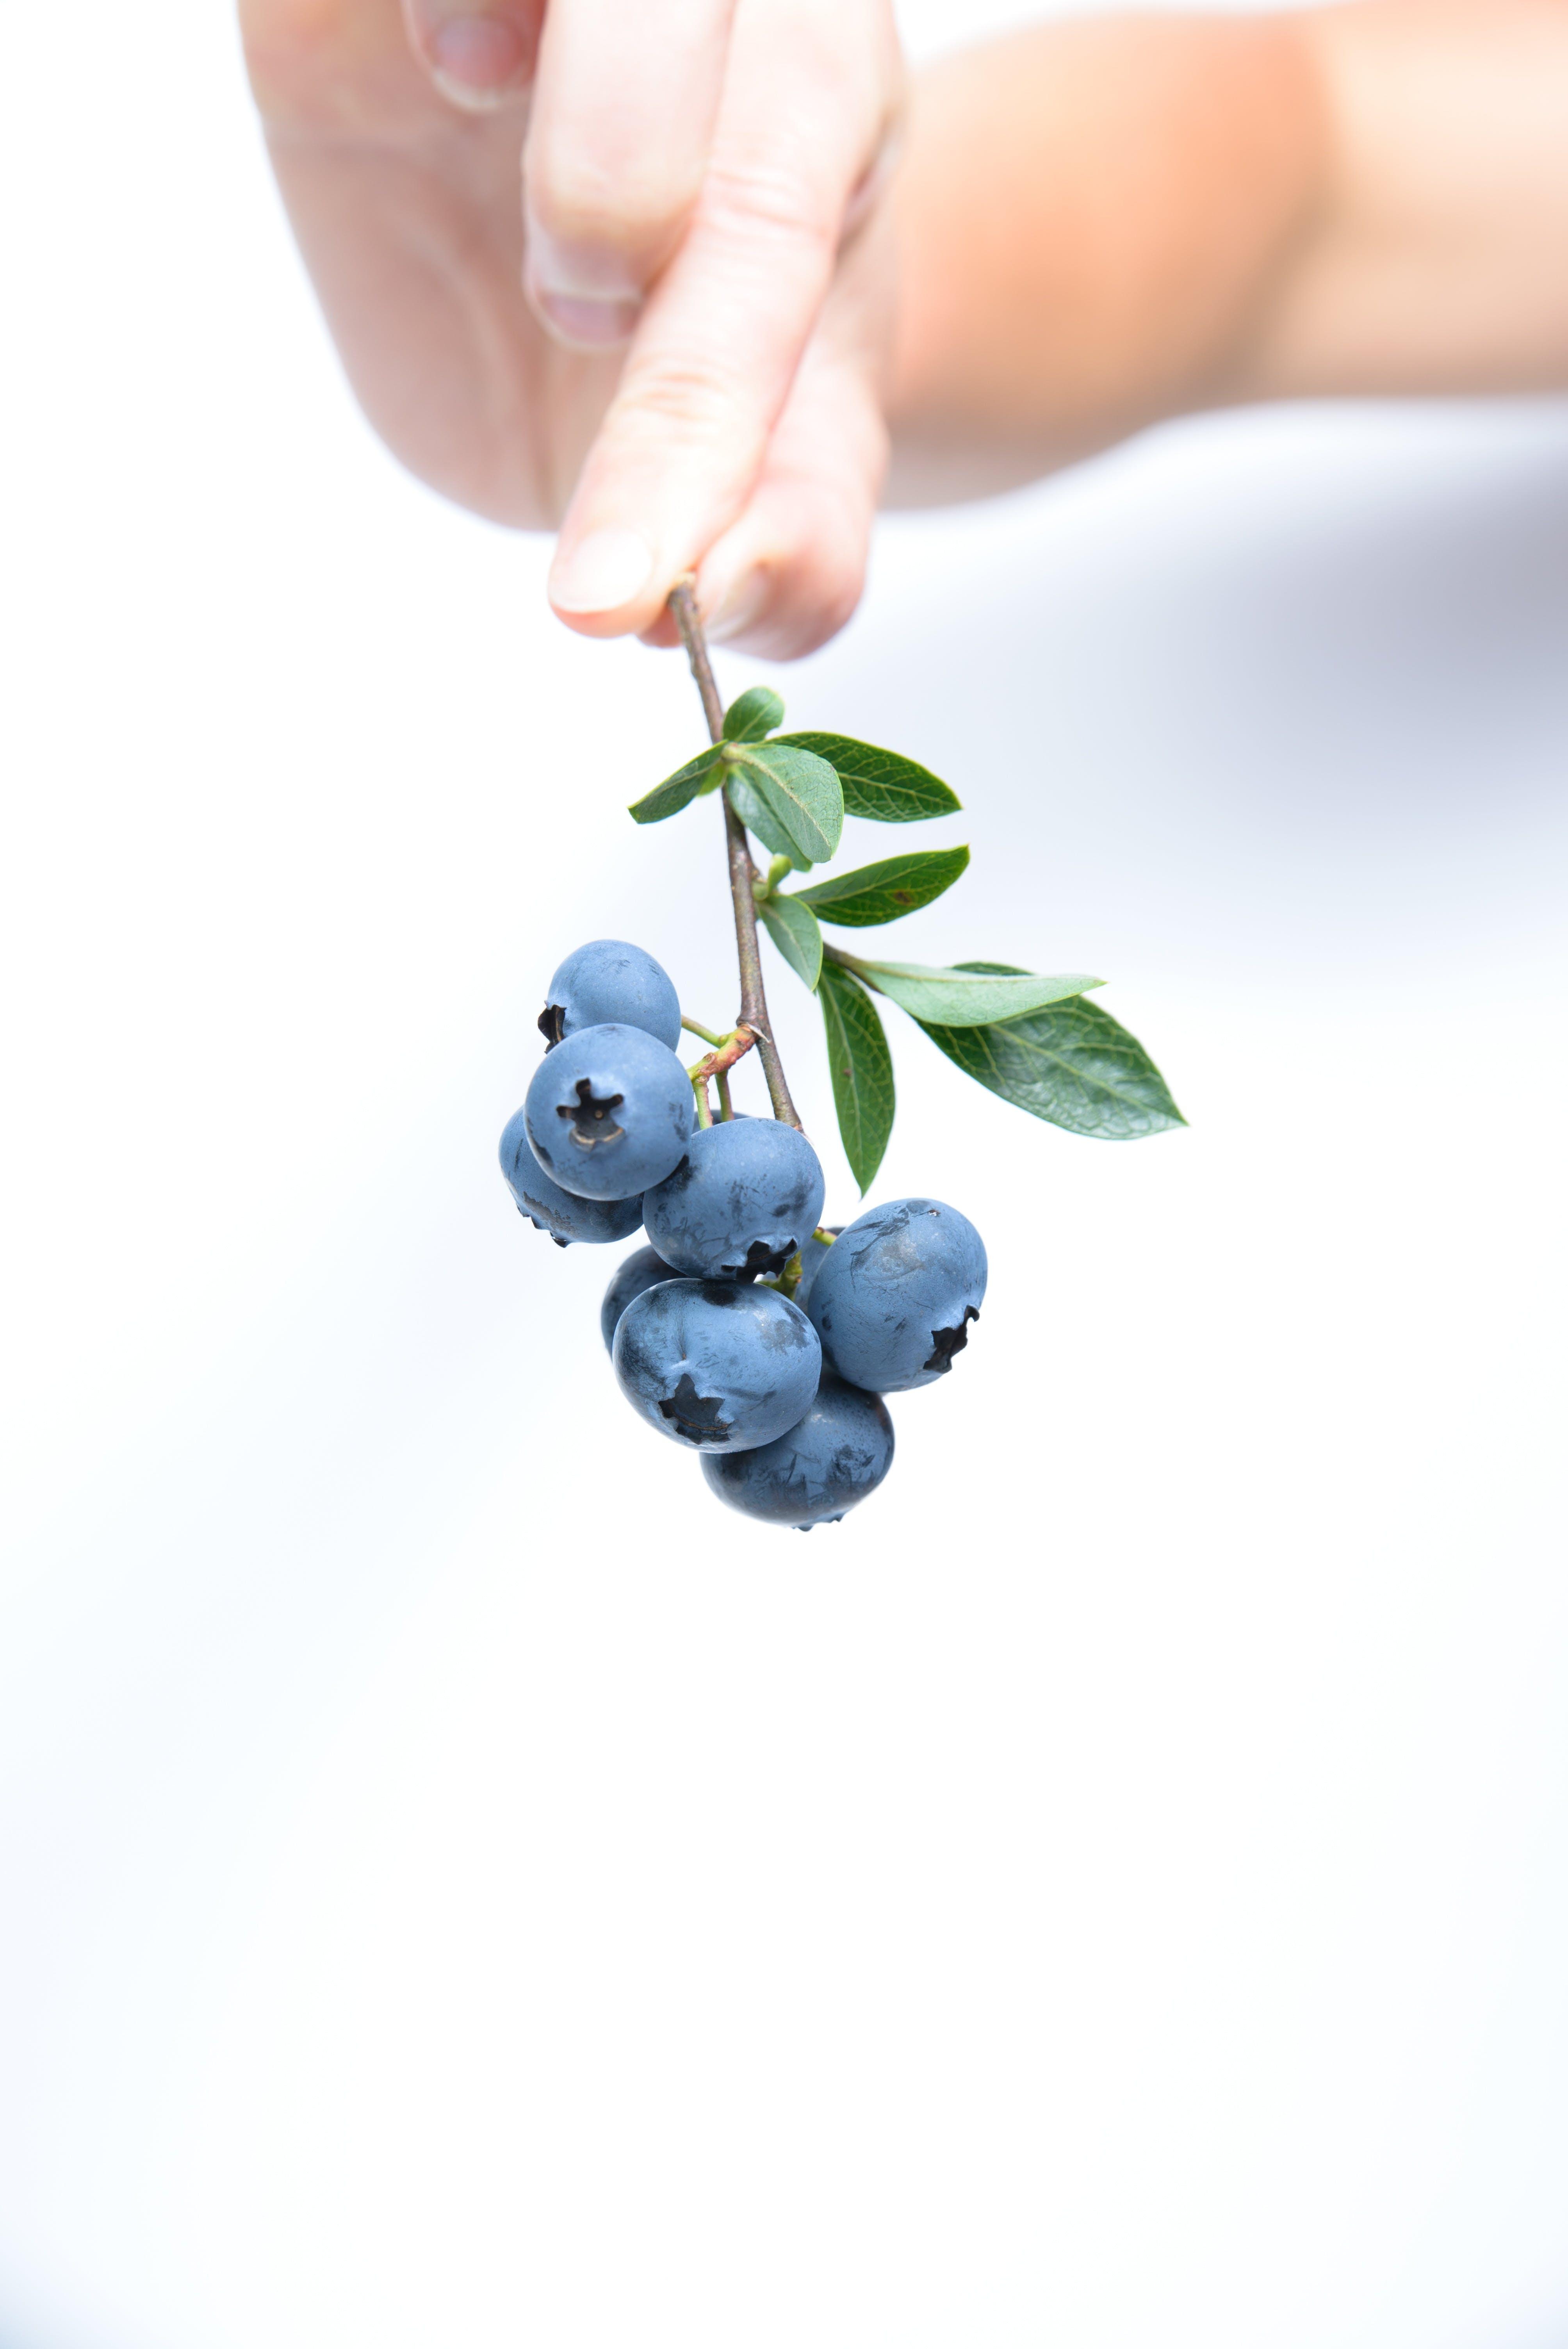 Gratis stockfoto met besjes, blauw, blauwe bessen, eten